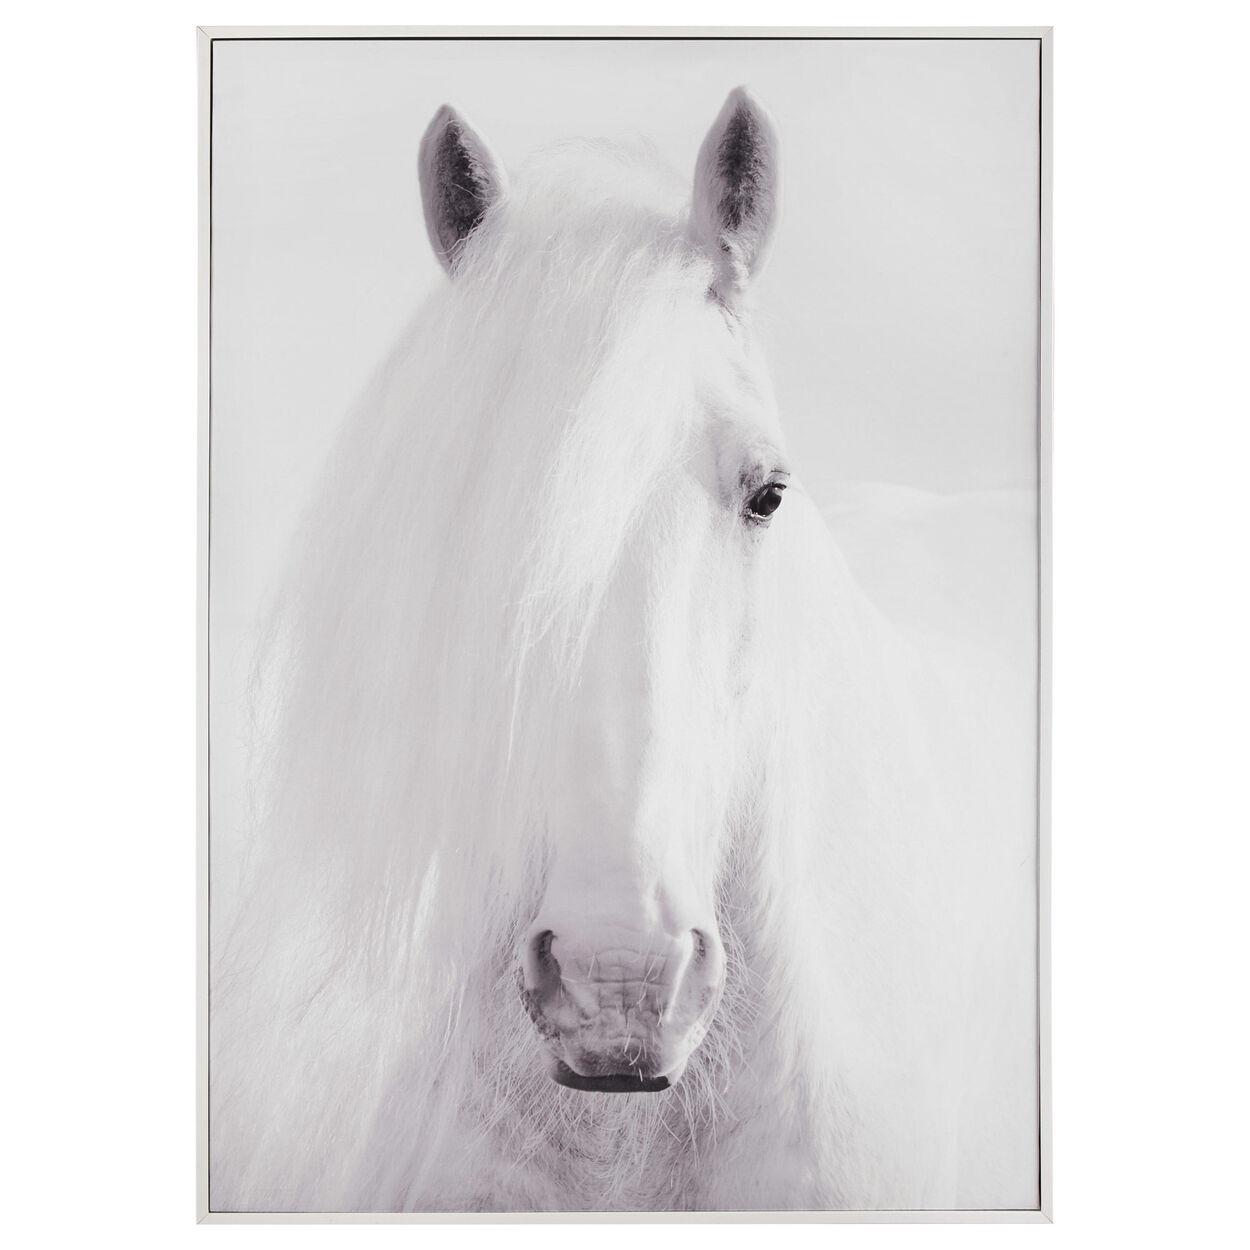 Horse Face Printed Framed Art